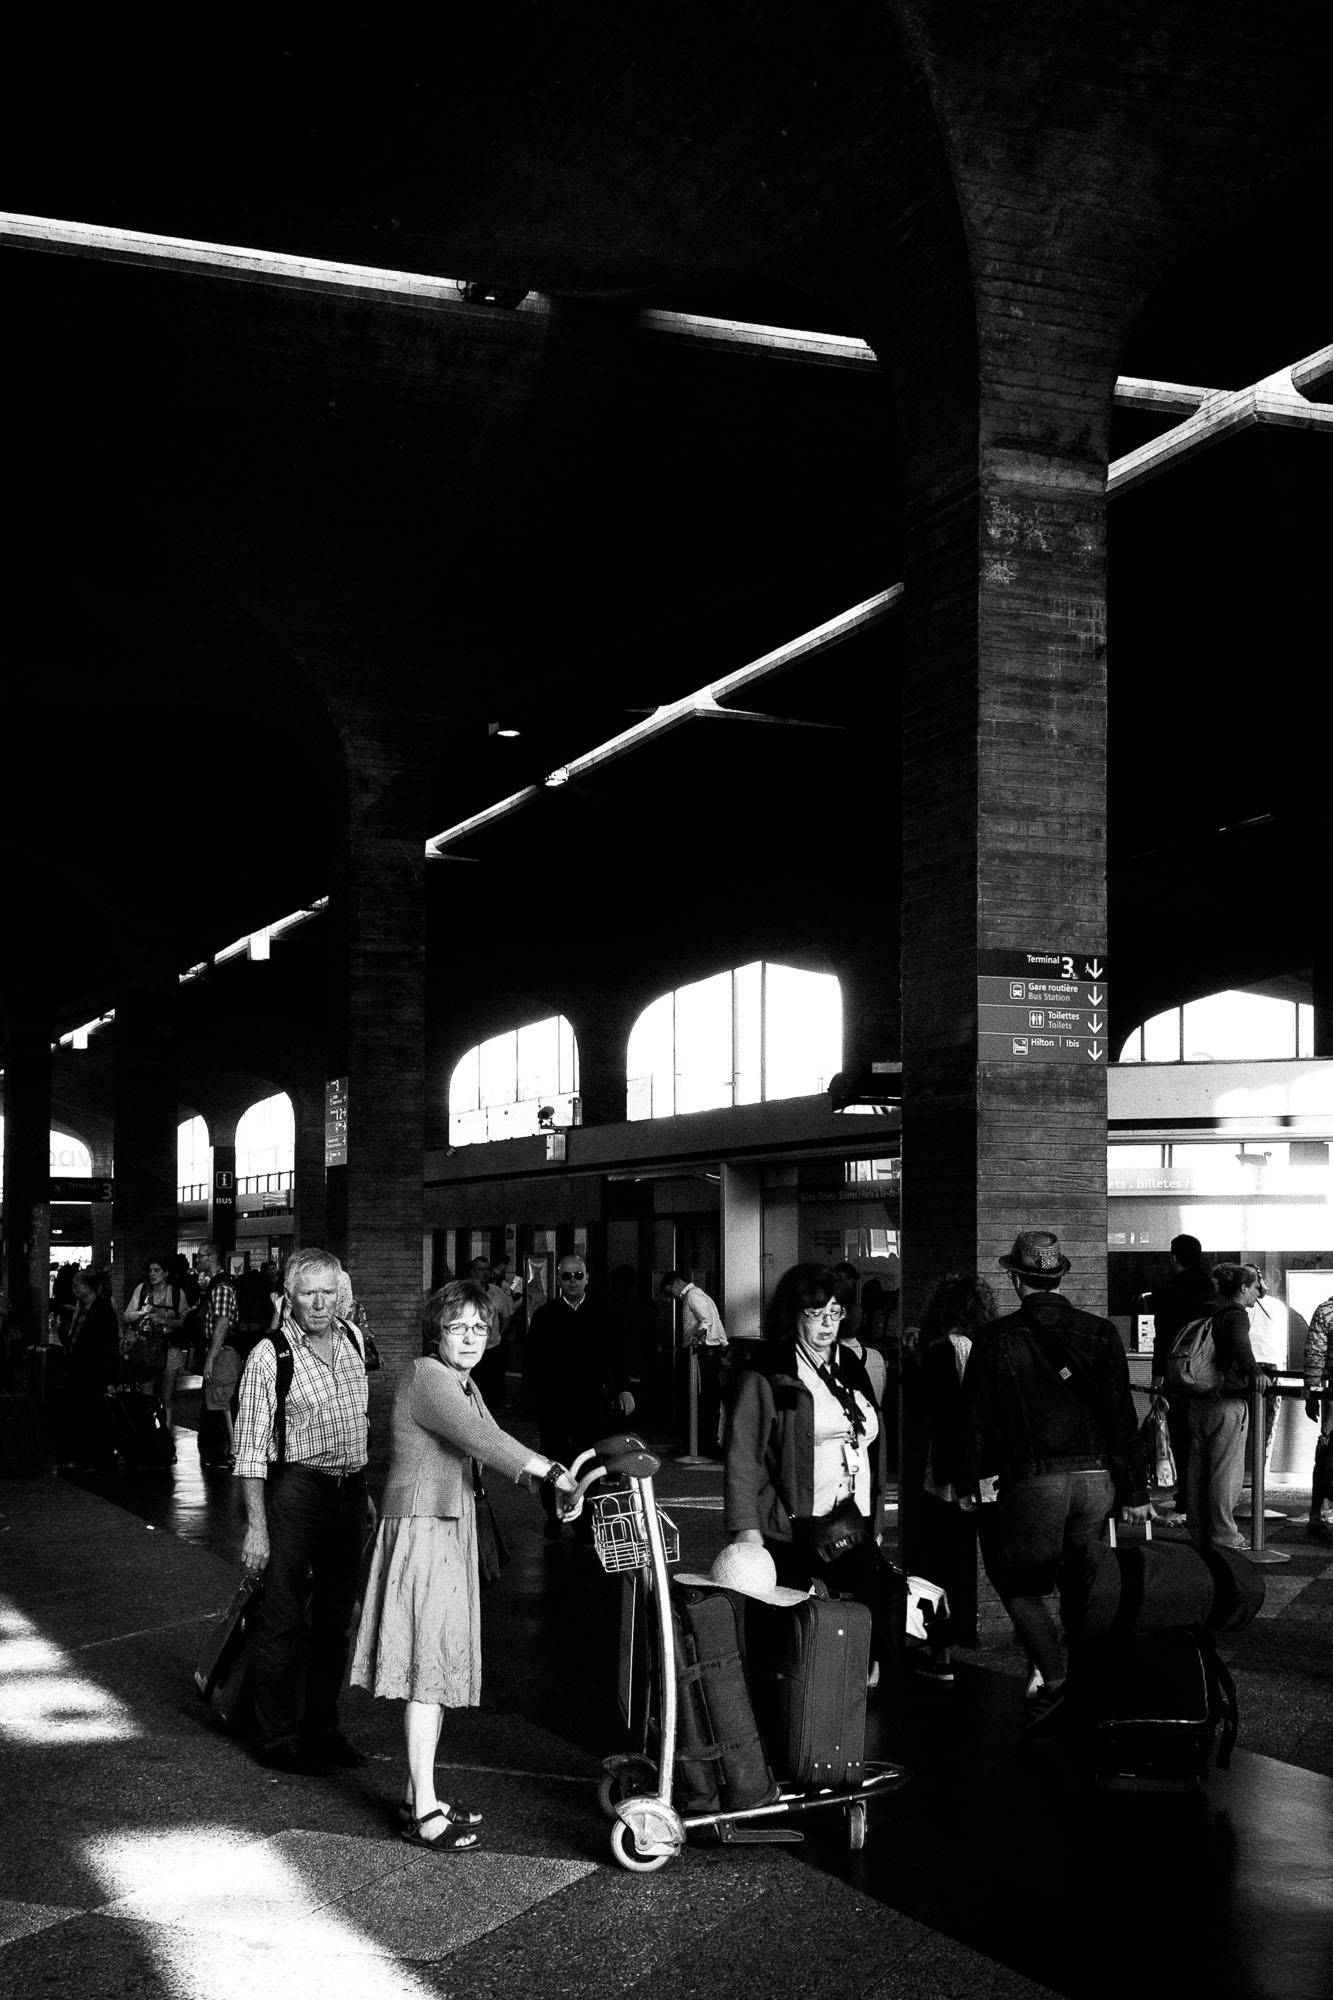 Sven-Michael---S-2013--9-[waiting-for-the-train]---©-Sven-Michael-Golimowski.jpg